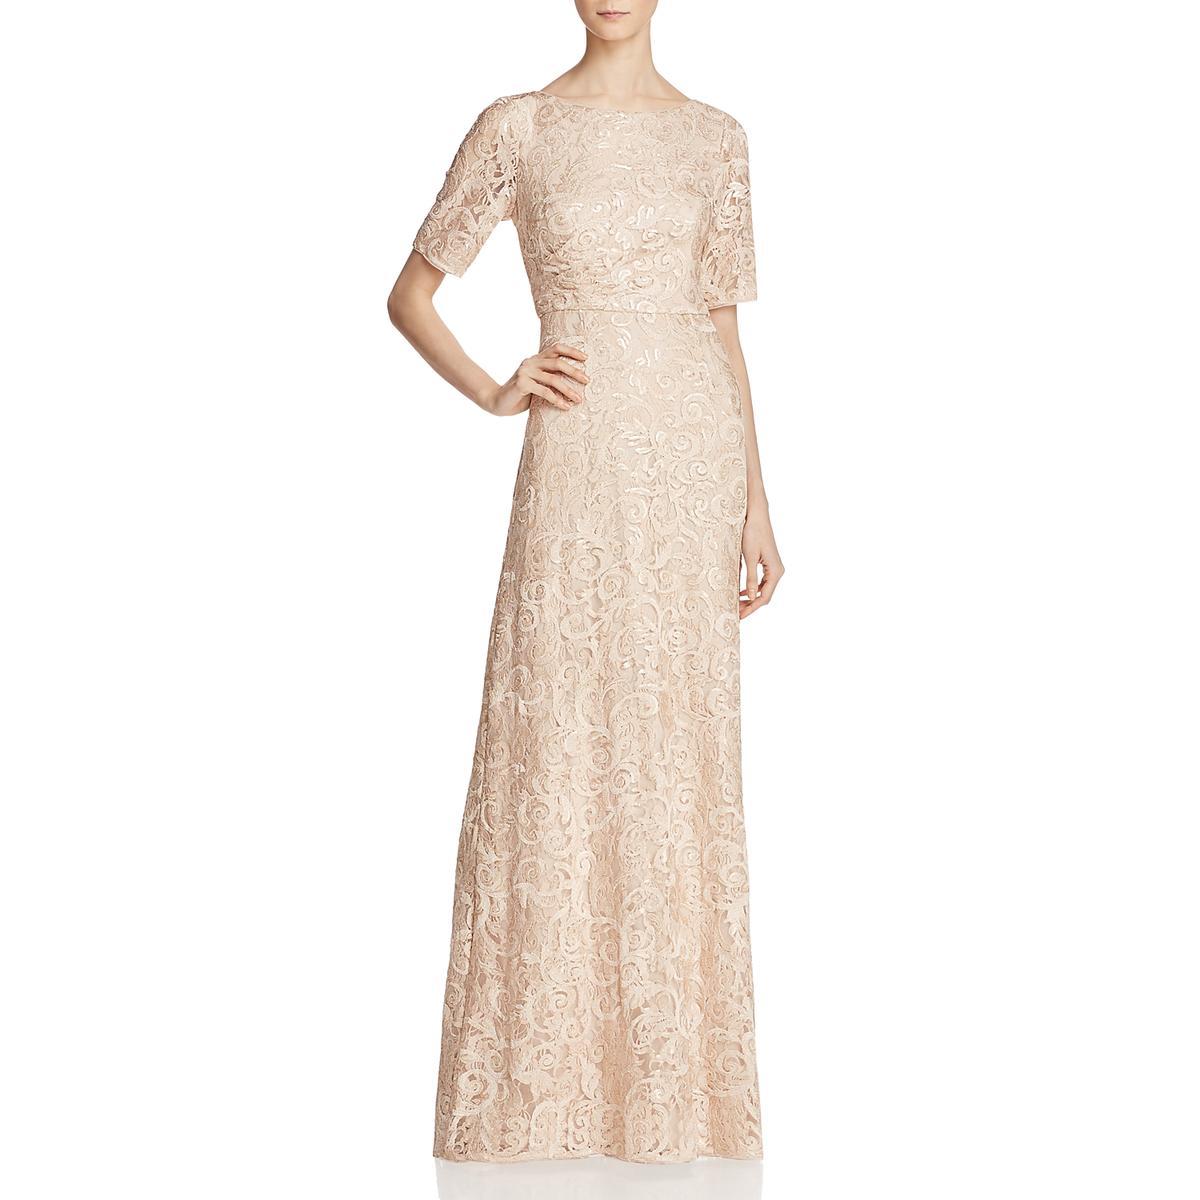 67d2e7a9de5 Details about Adrianna Papell Womens Pink Short Sleeves Evening Dress Gown  2 BHFO 9778